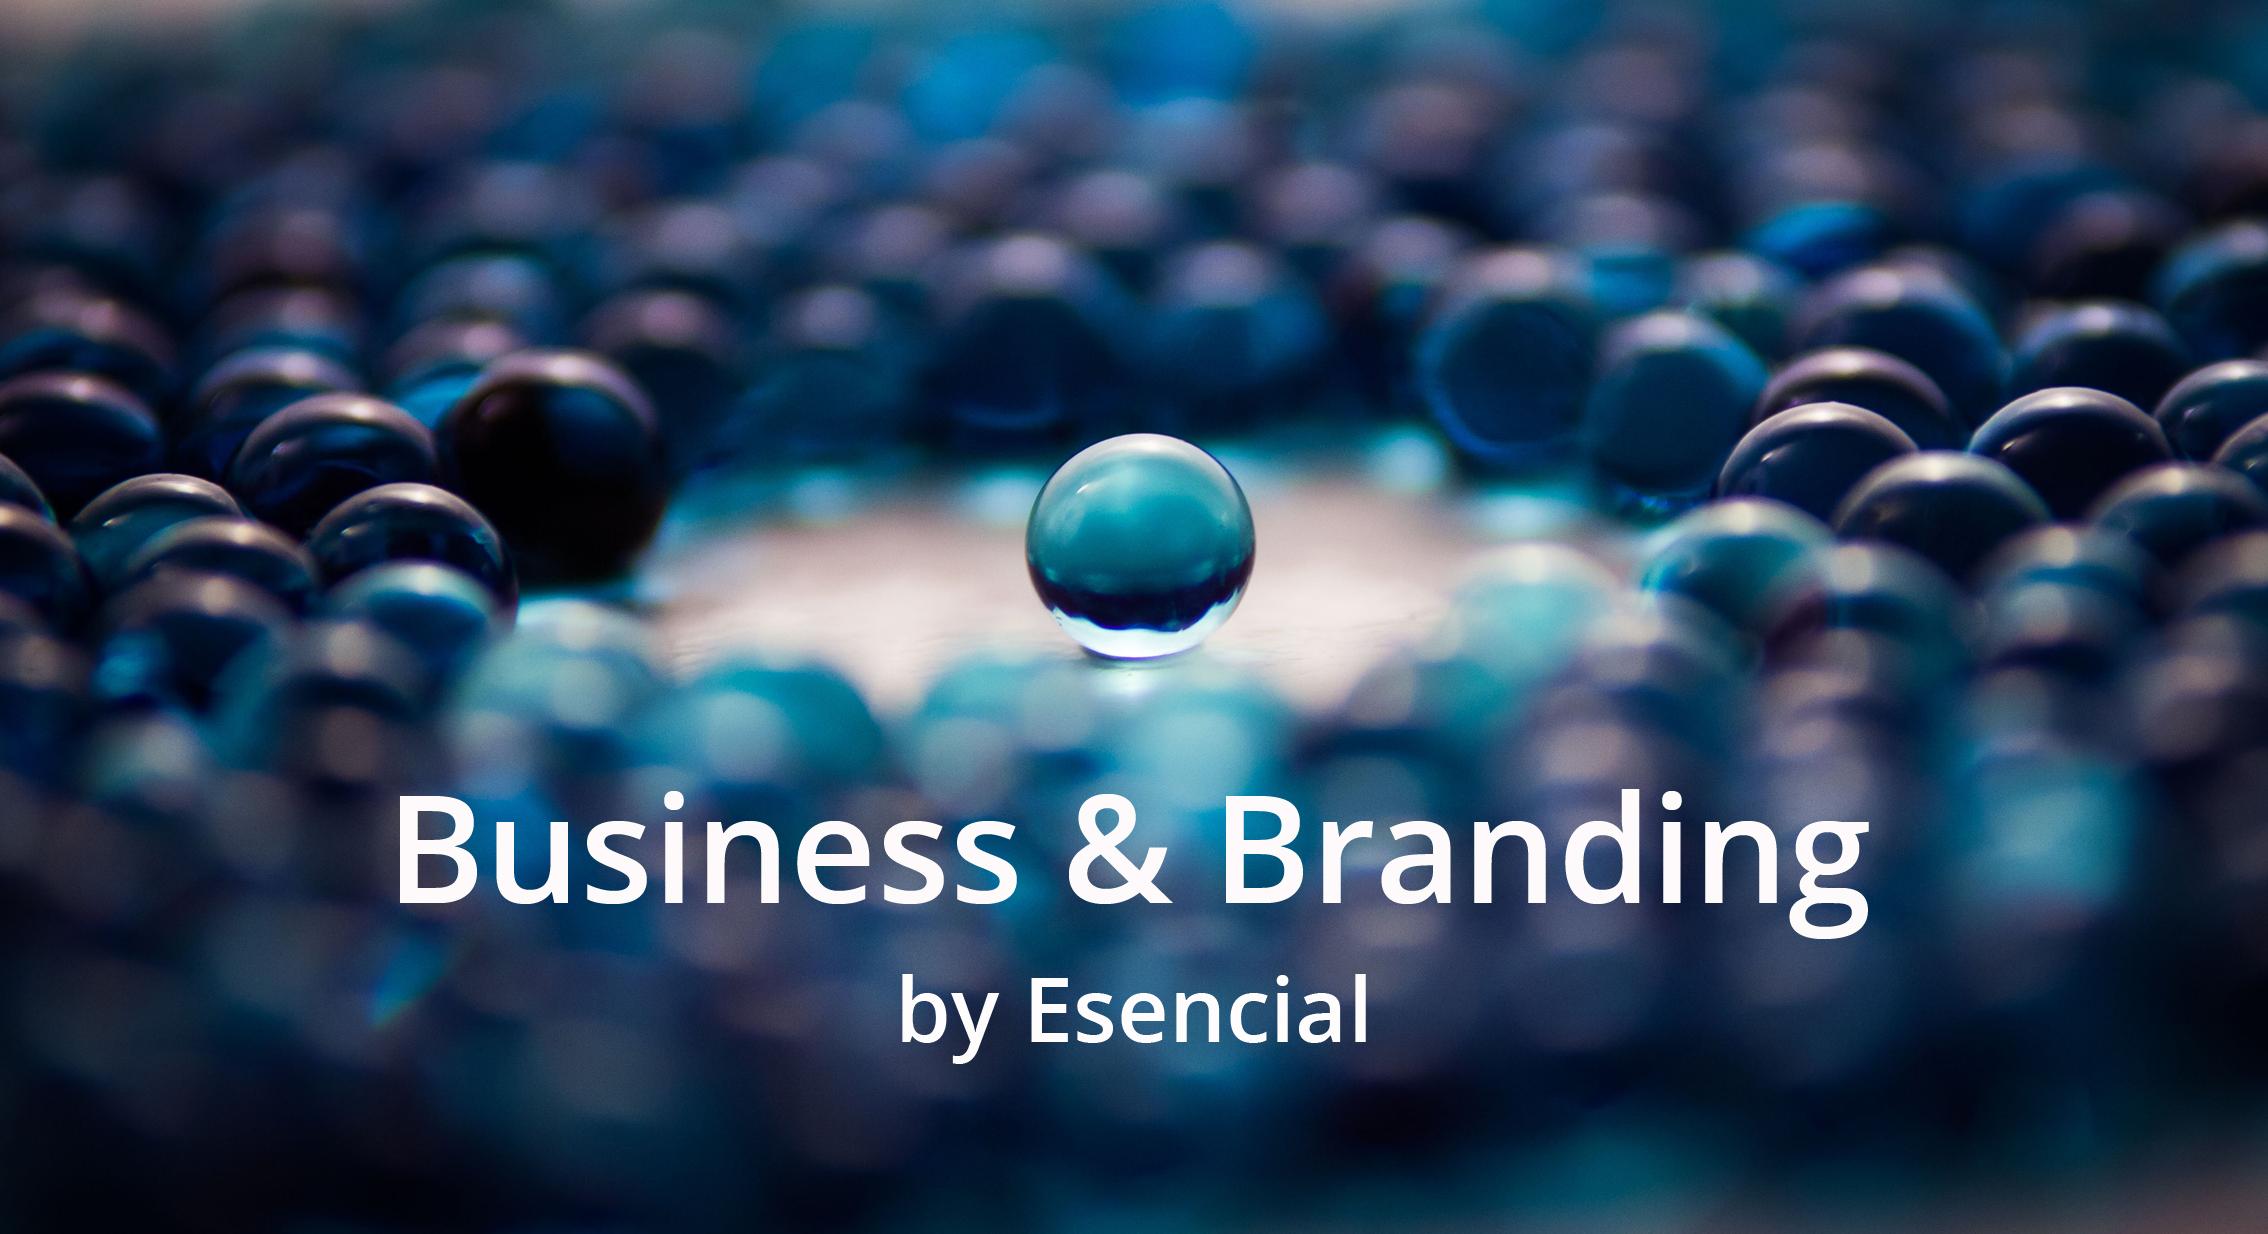 La transformación llega a los departamentos de Marketing y Comunicación. ¿Preparados?